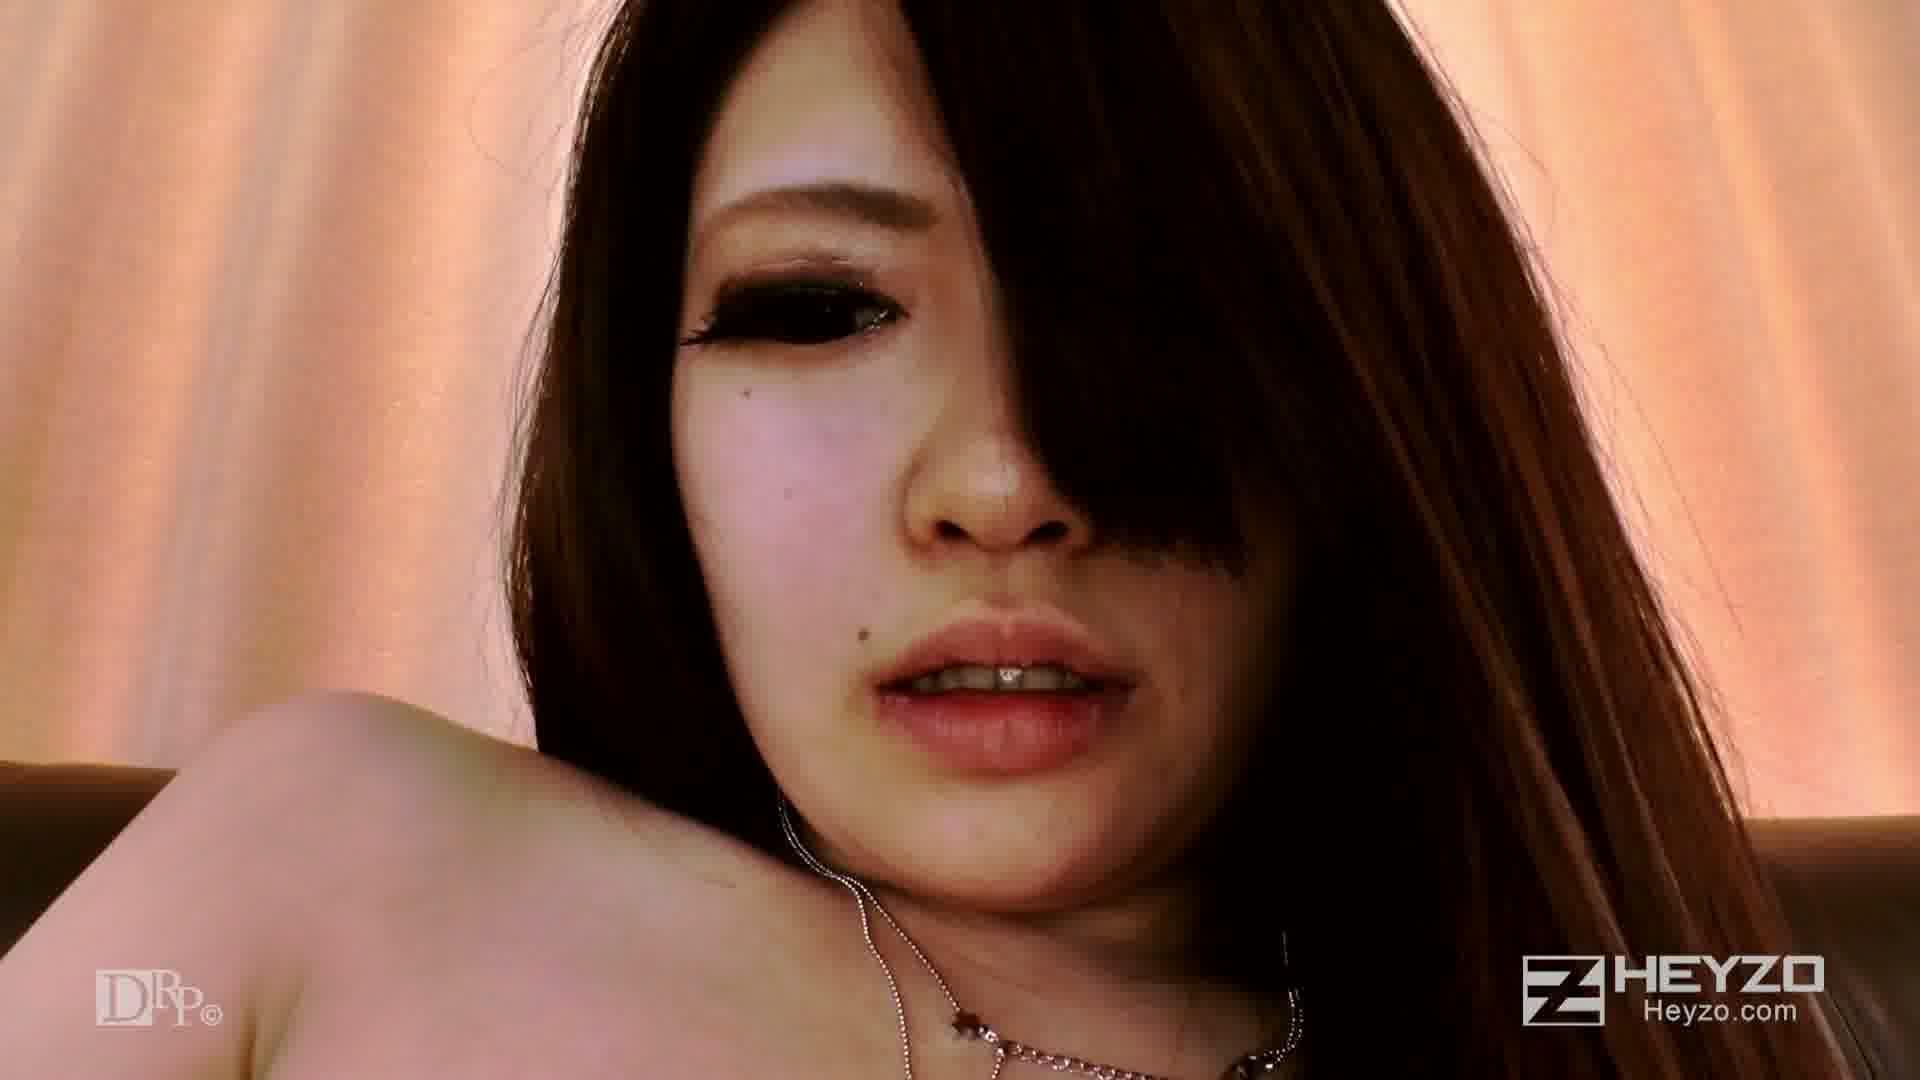 セフレ紹介所Vol.3~色白M女の責められ願望~ - あかさかゆい【インタビュー 脱衣 オナニー】